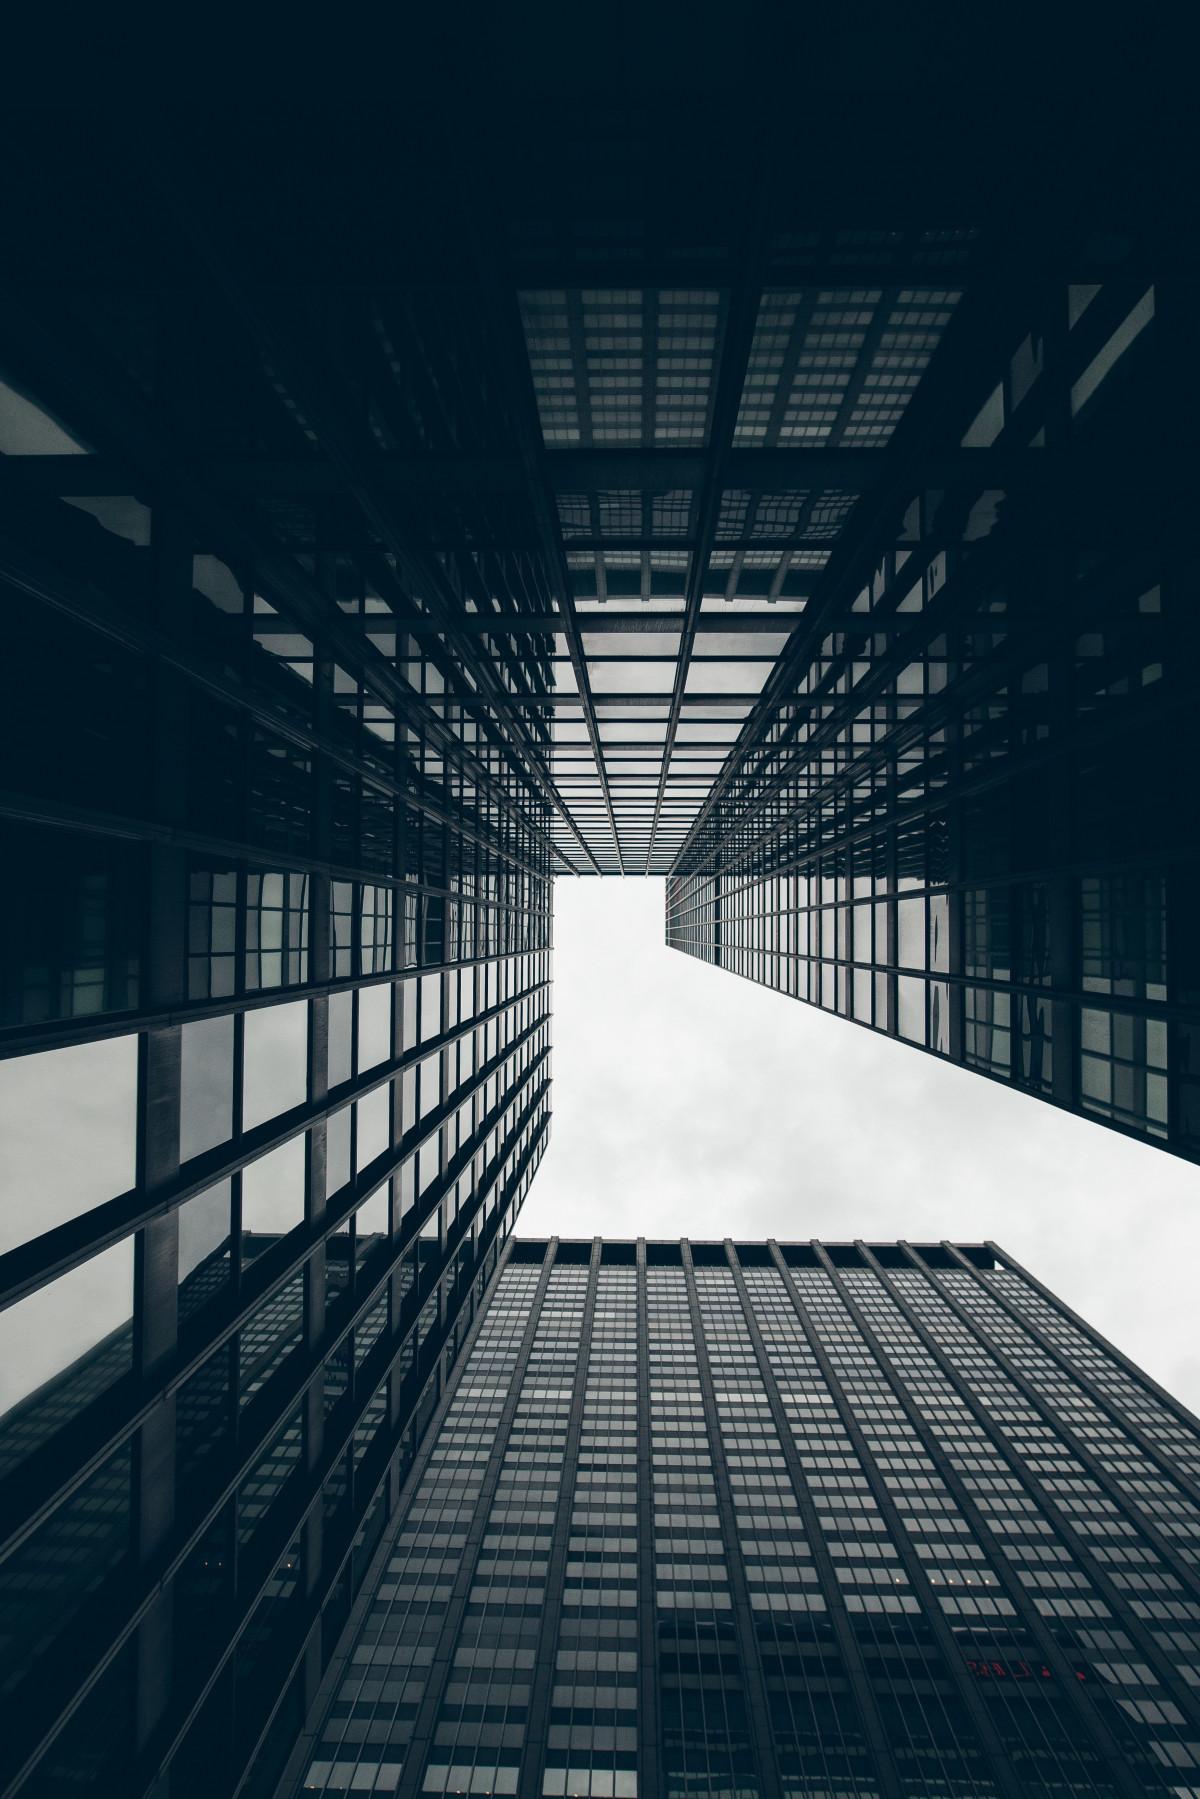 Wallpaper Hd Black White Fotos Gratis Ligero En Blanco Y Negro Arquitectura